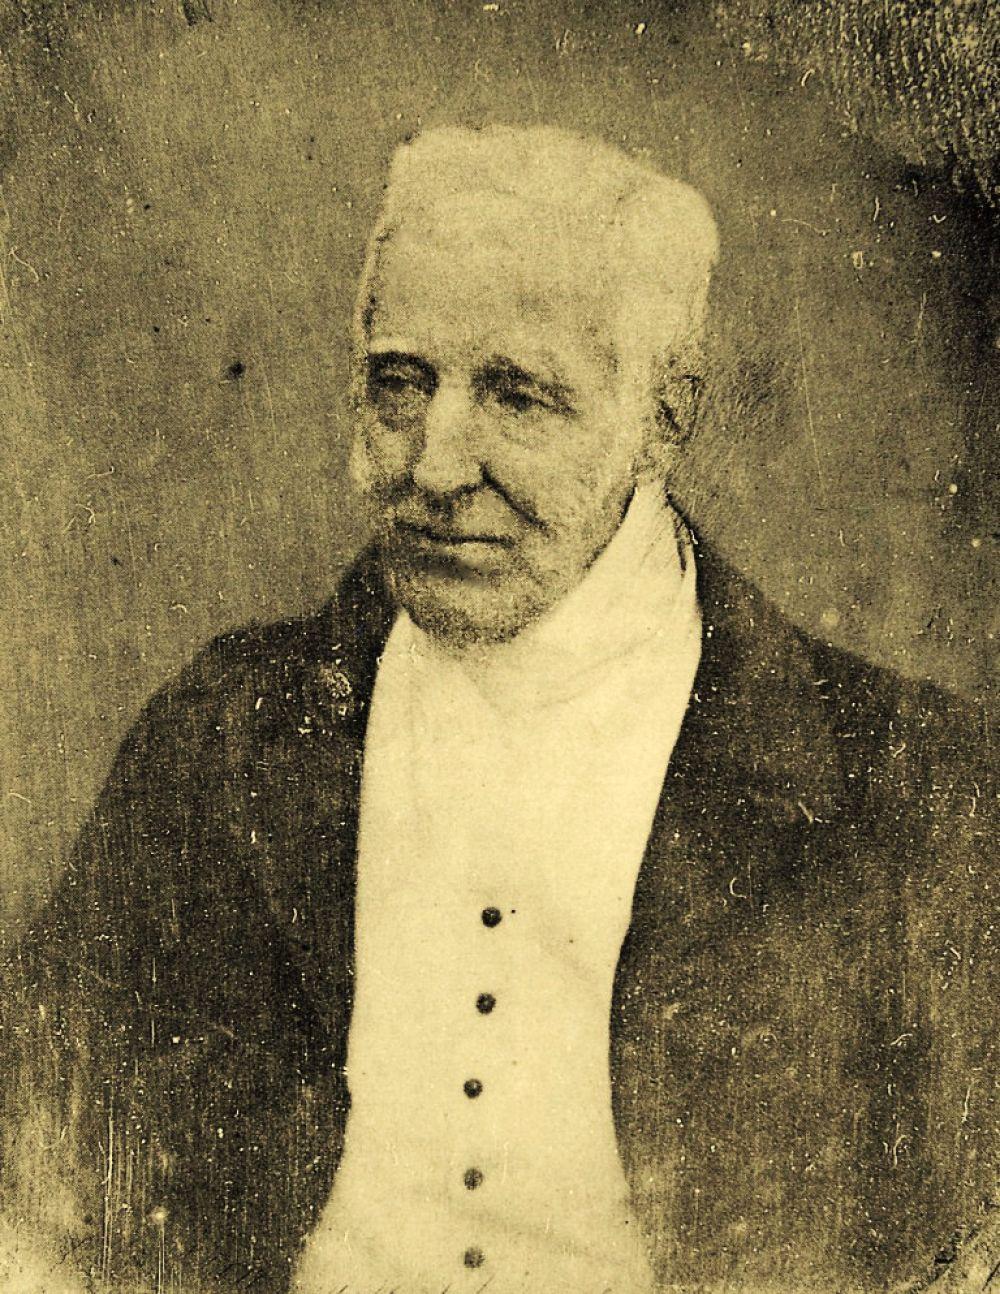 Британский полководец и государственный деятель Артур Уэлсли Веллингтон в возрасте 74 или 75 лет. Снимок сделан Антоном Клоде в 1844 году.